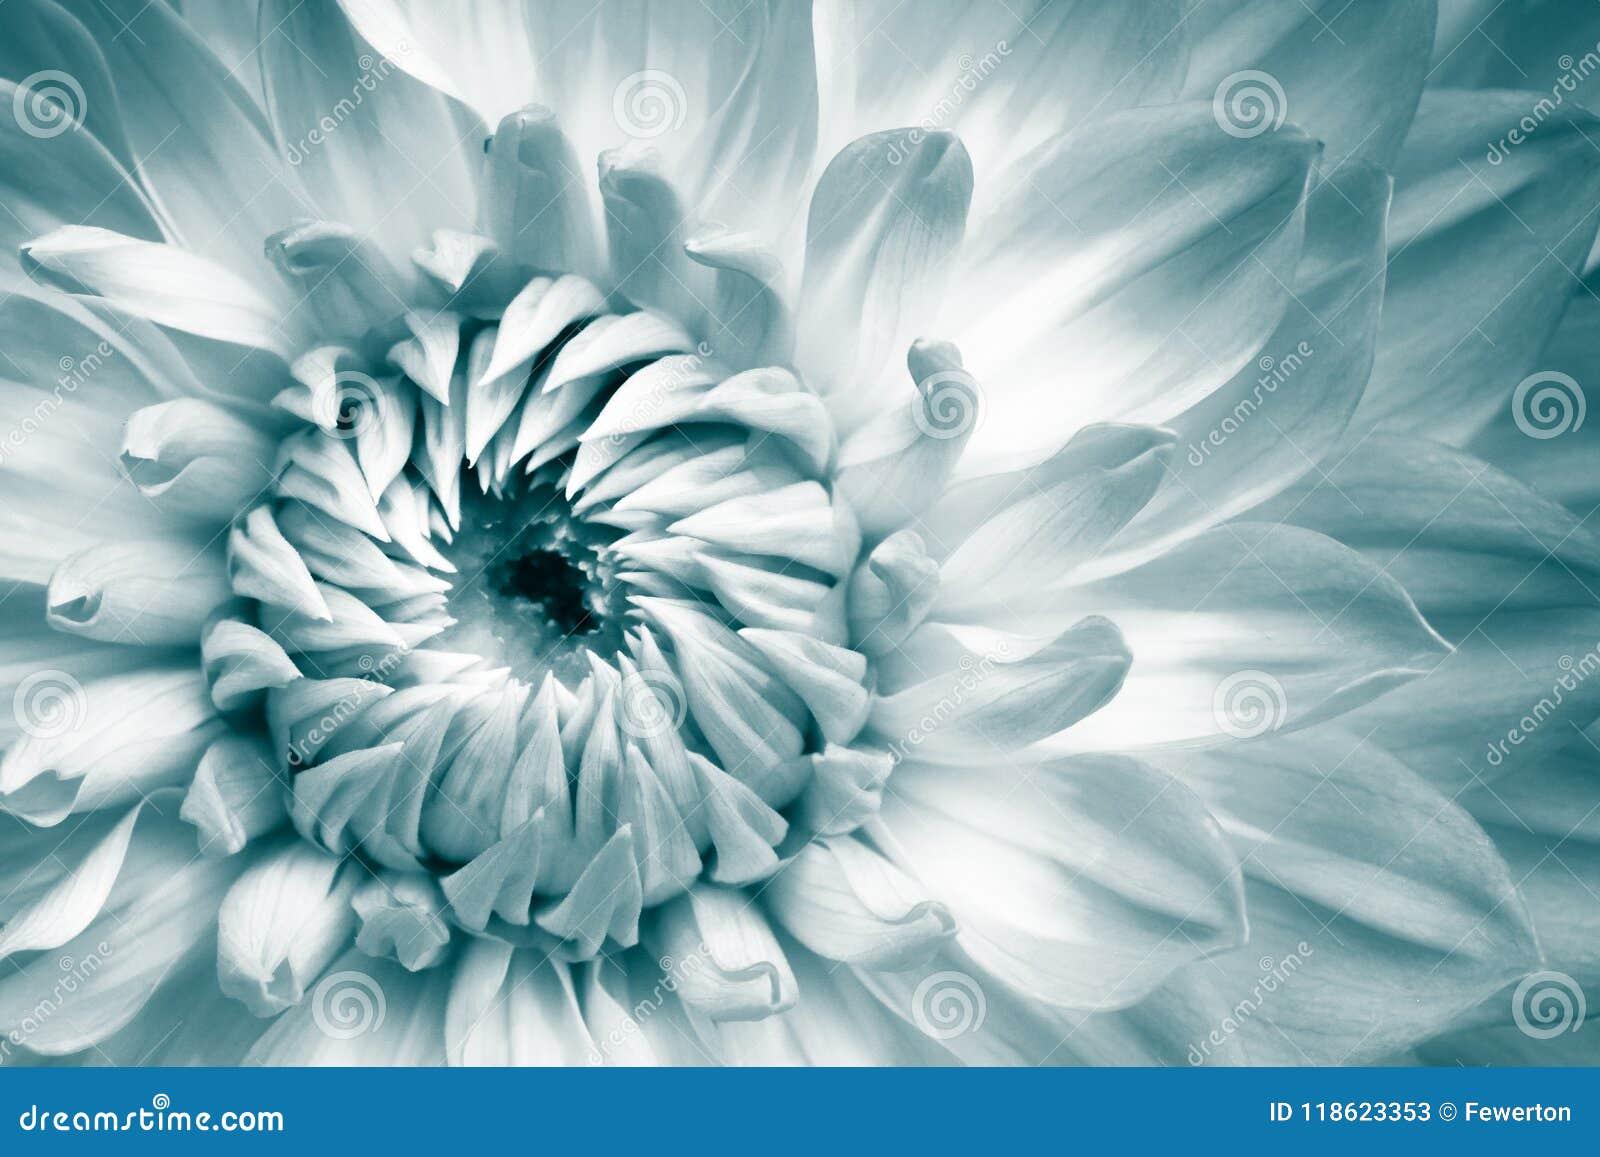 Detaljer av vit och ljus - blått fotografi för makro för ny blomma för dahlia Färg tonat foto med grönaktiga turkossignaler